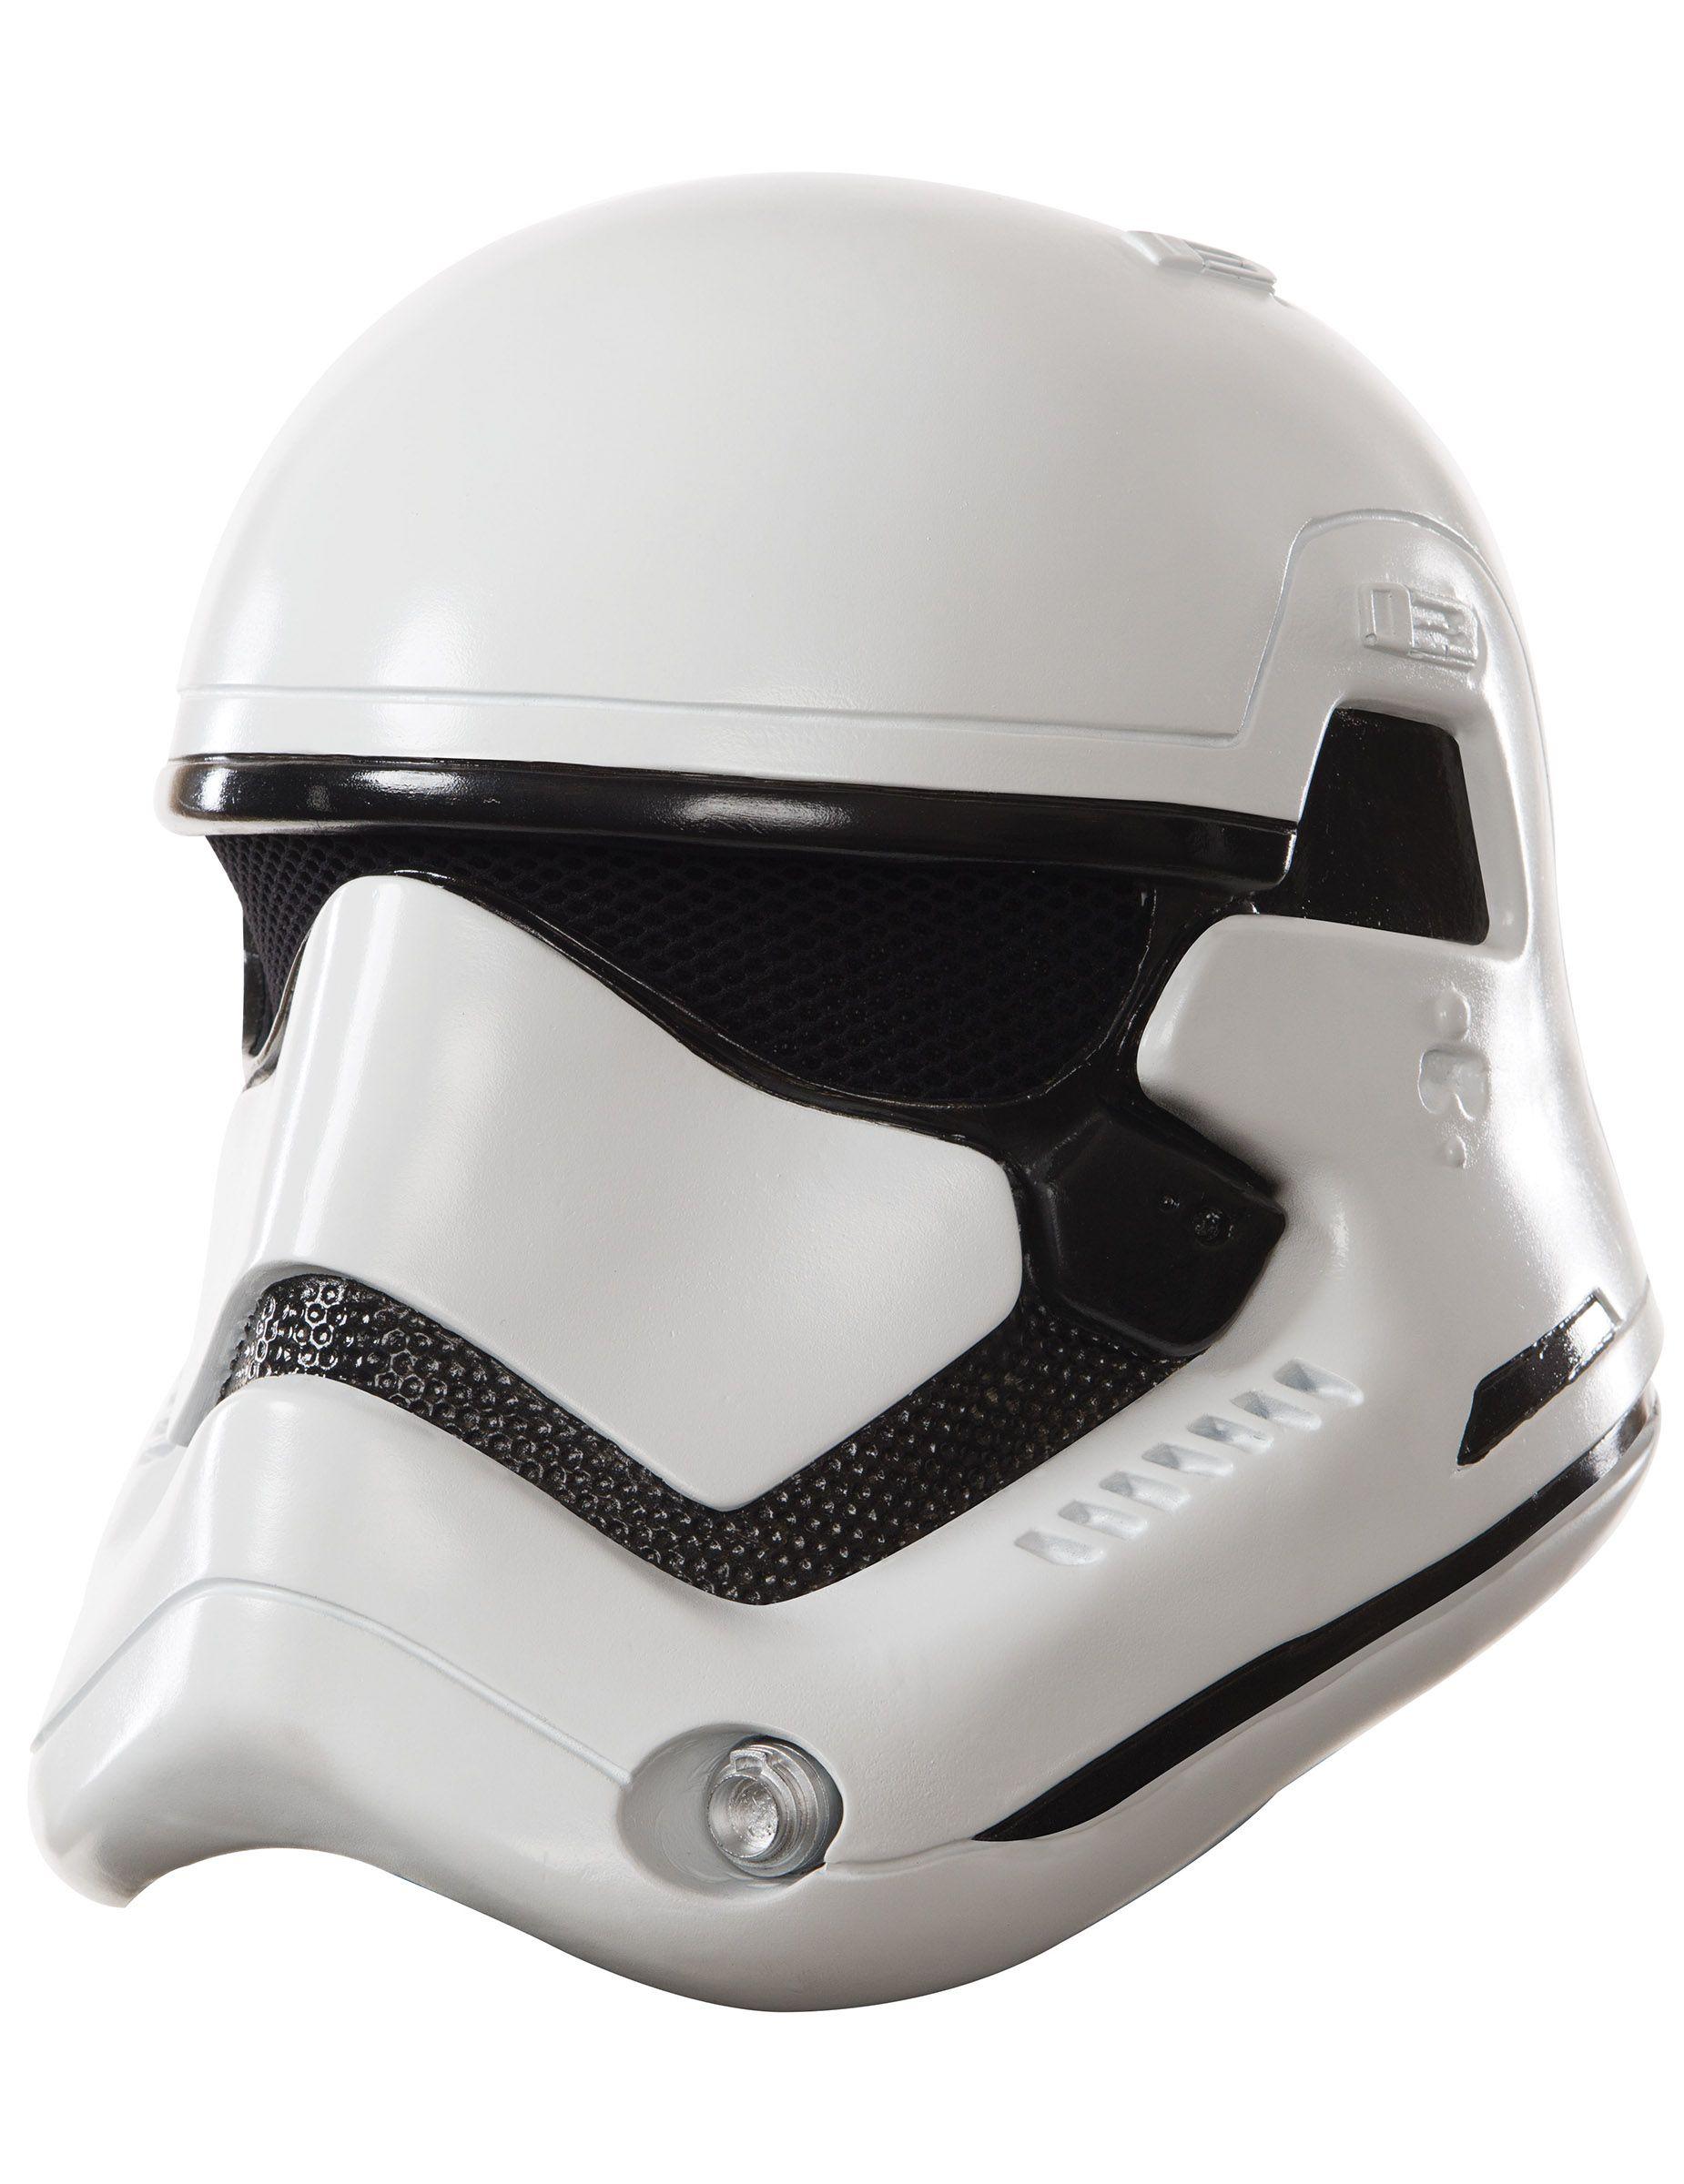 Máscara adulto casco 2 partes StormTrooper Blanco-Star Wars VII™: Esta máscara deStormTrooper para adulto tiene licencia oficialStar Wars™. Es de plástico rígido y representa a la perfección el casco de los...